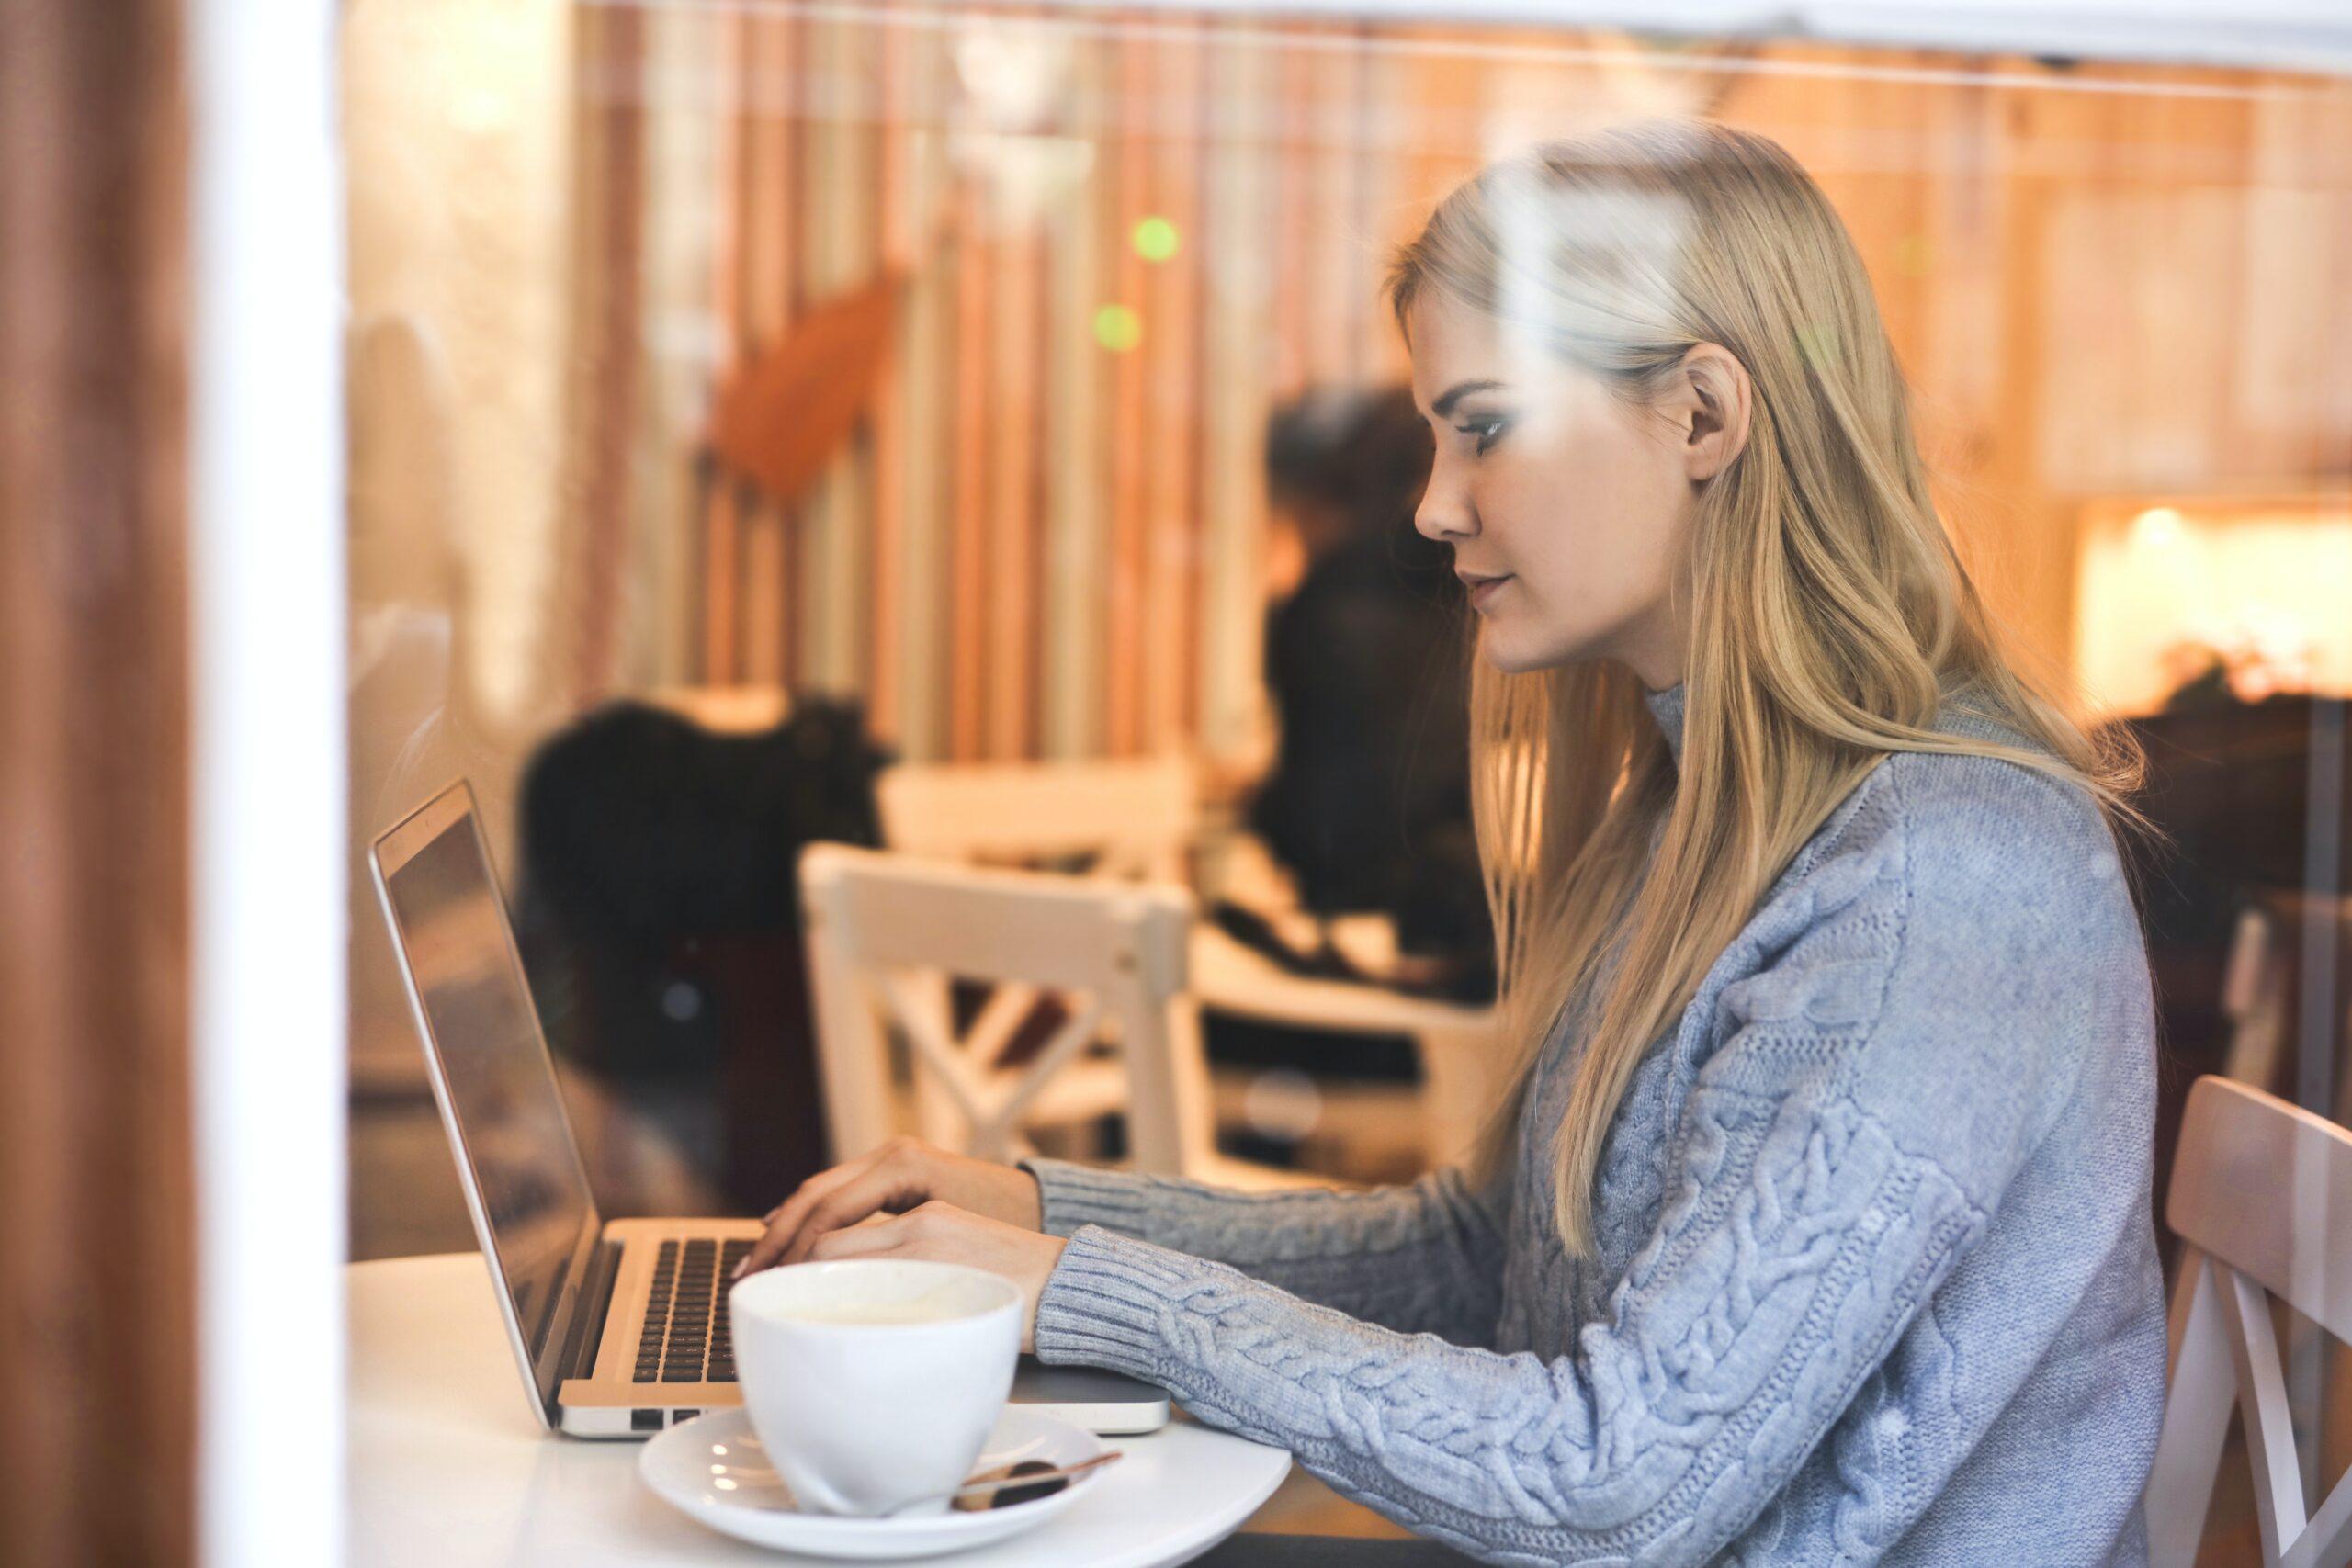 Bloggerin bei der Arbeit